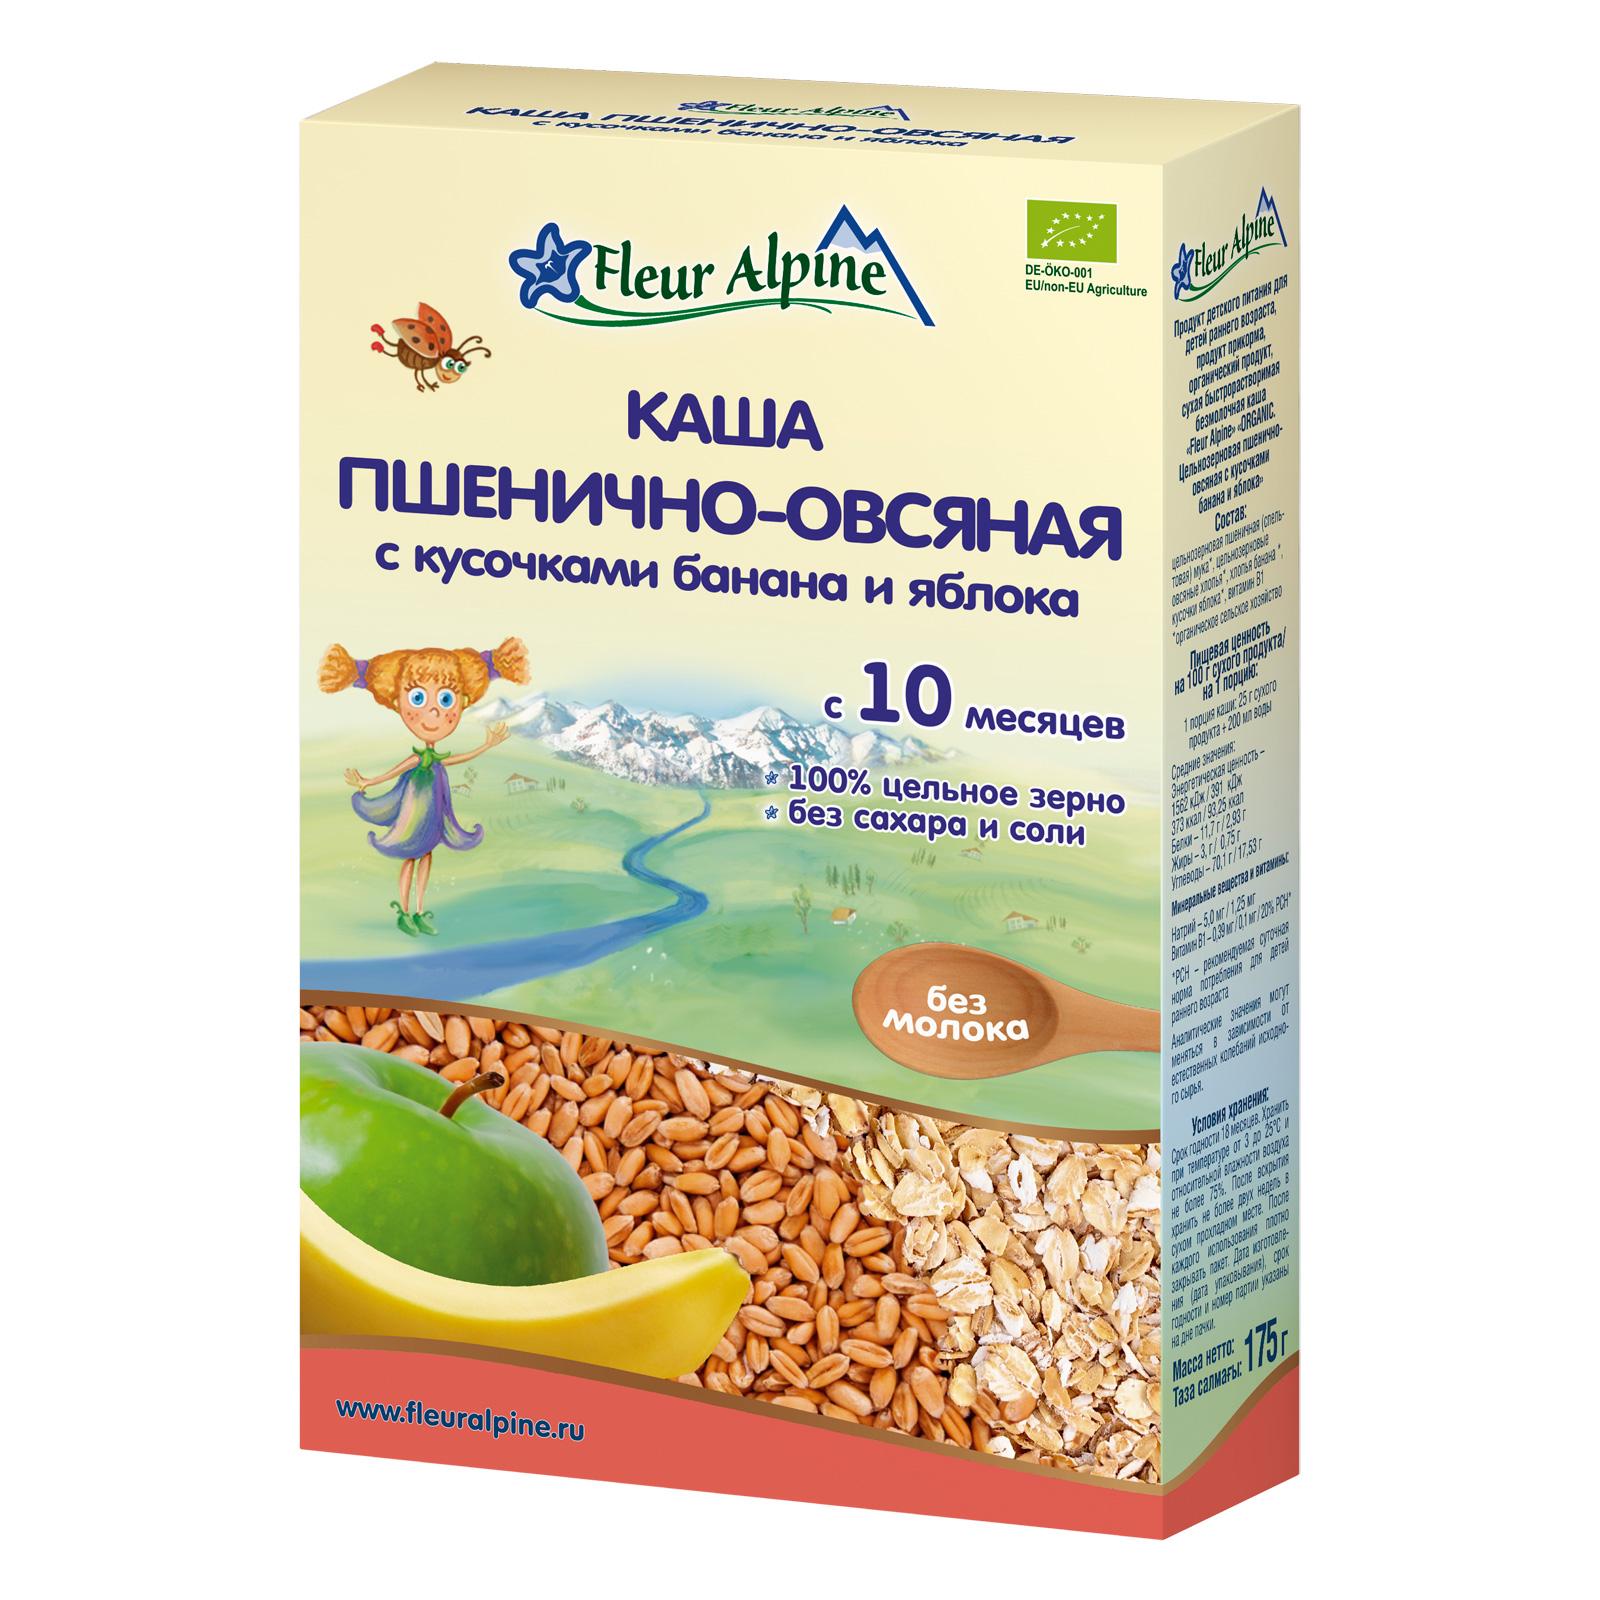 Каша Fleur Alpine Органик безмолочная 175 гр Пшенично-овсяная с кусочками банана и яблока (с 10 мес)<br>